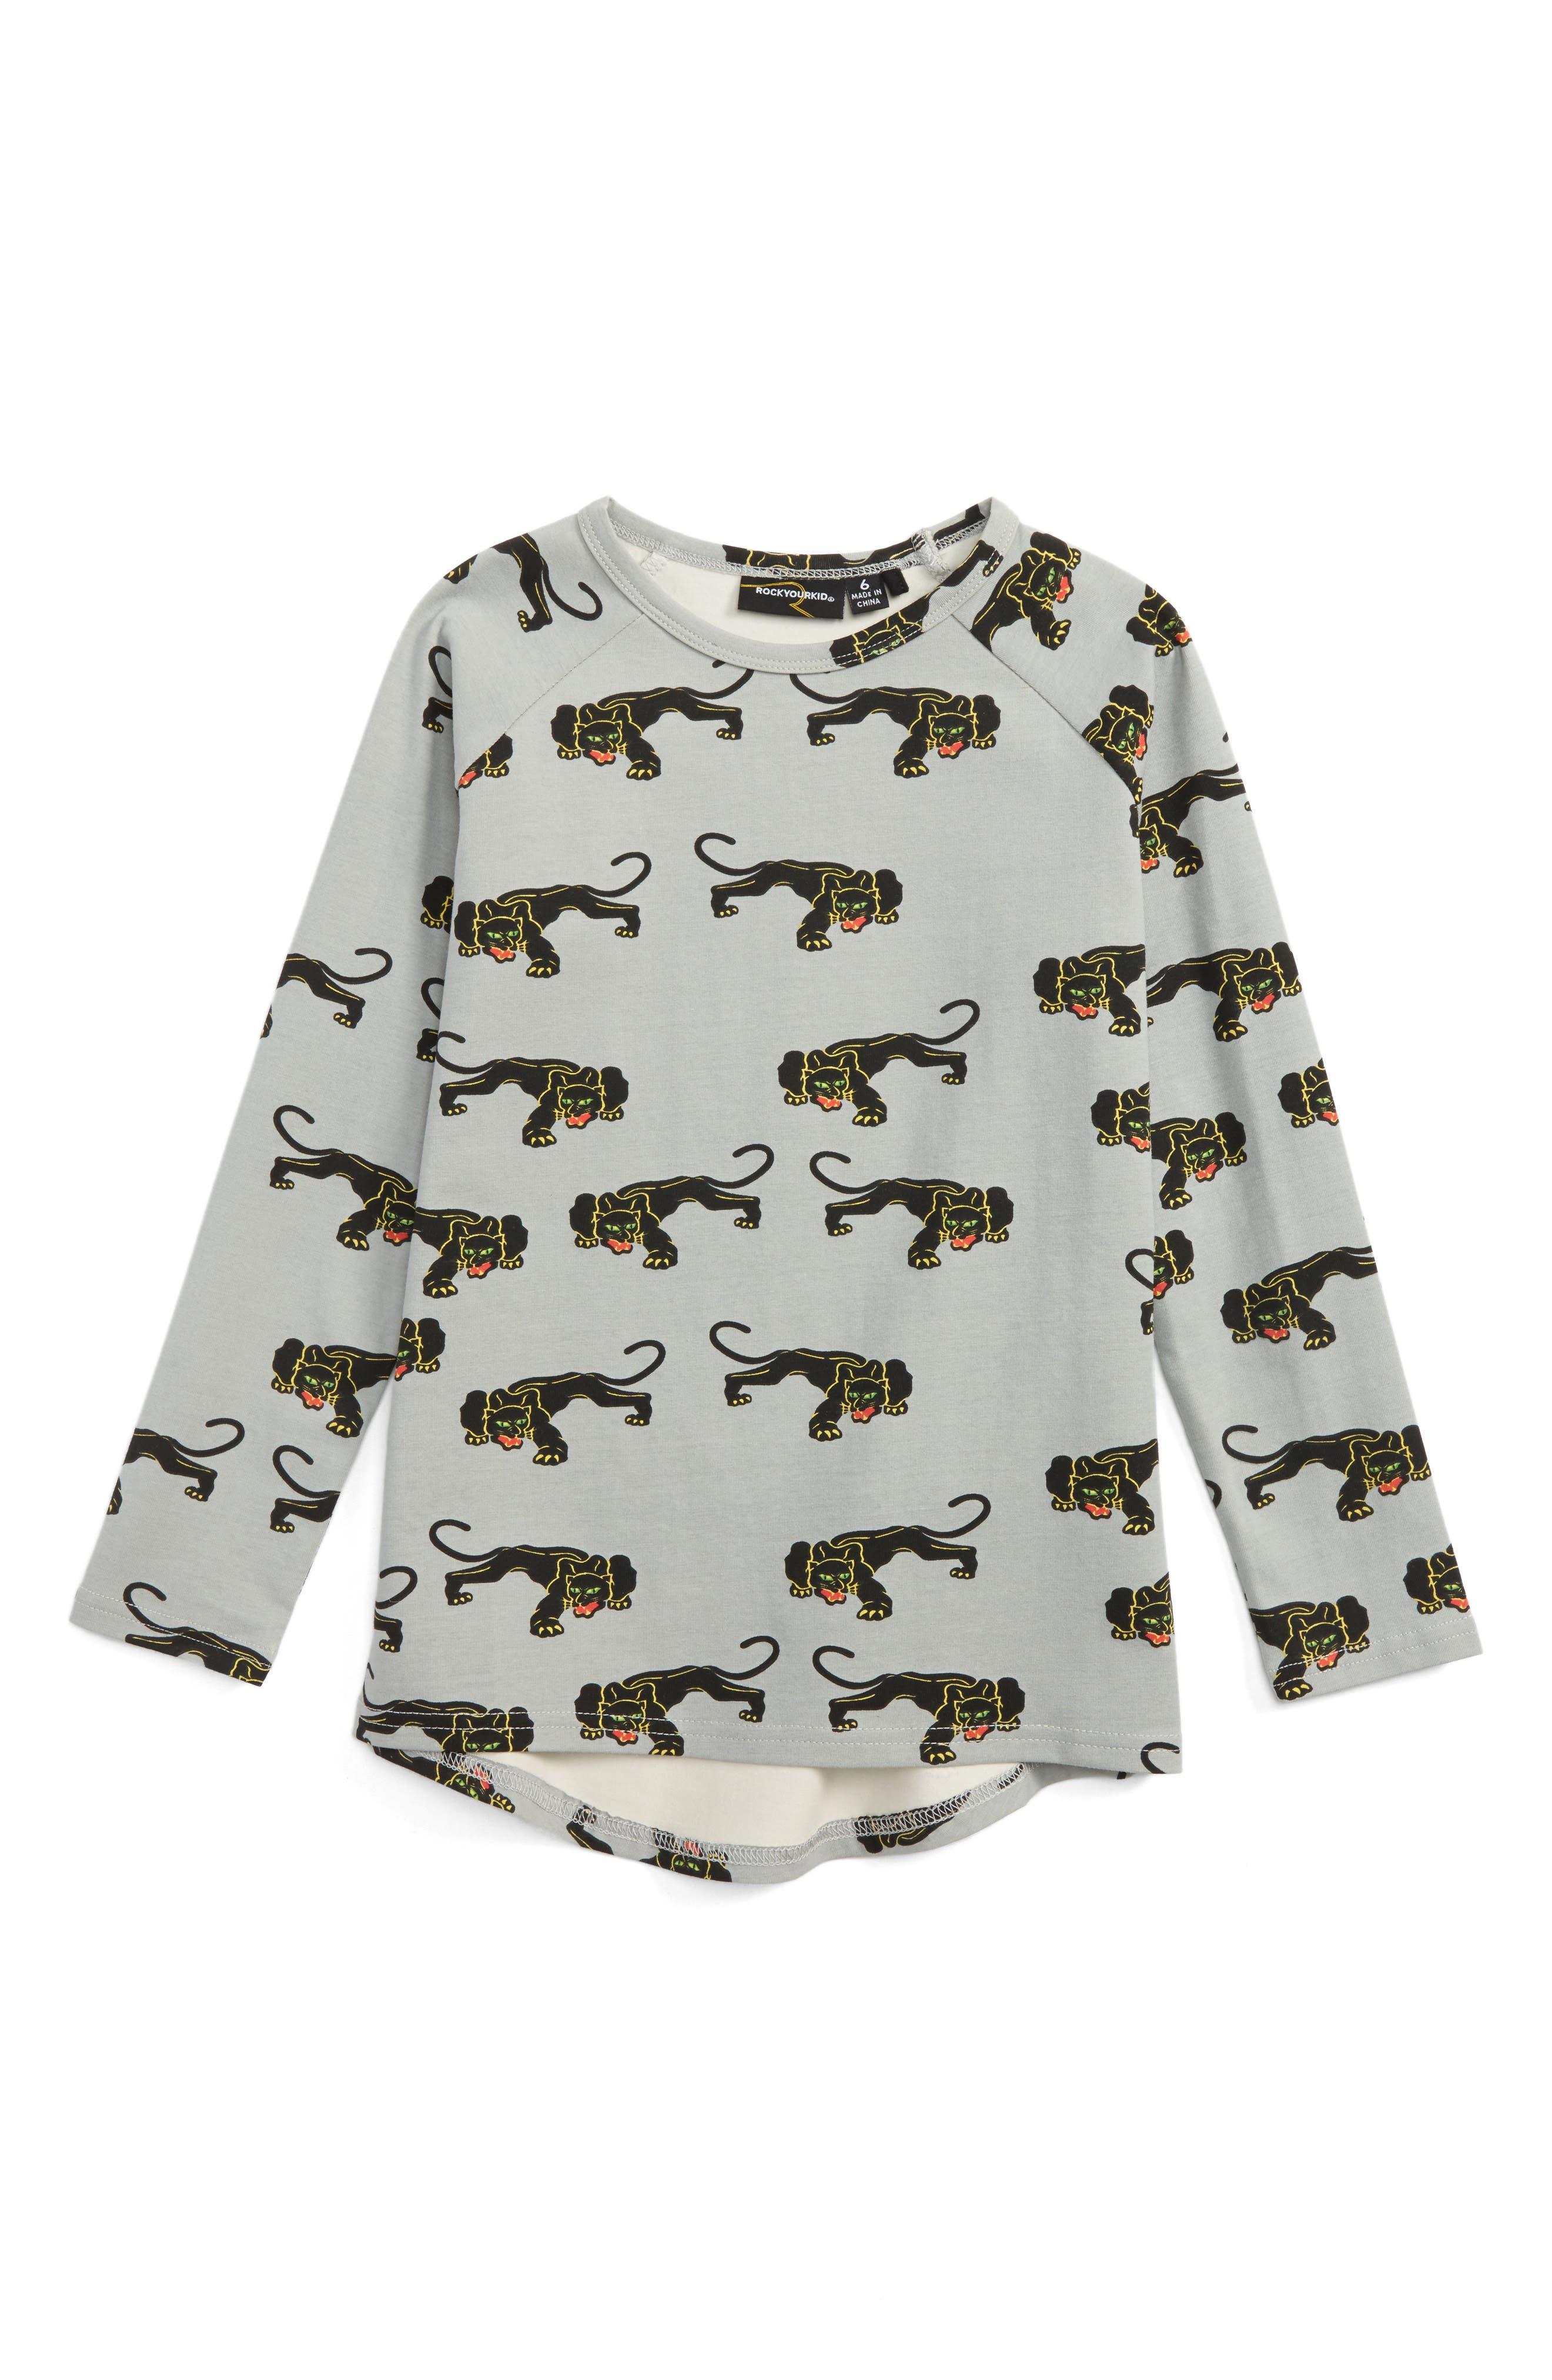 ROCK YOUR BABY Jaguar Graphic T-Shirt